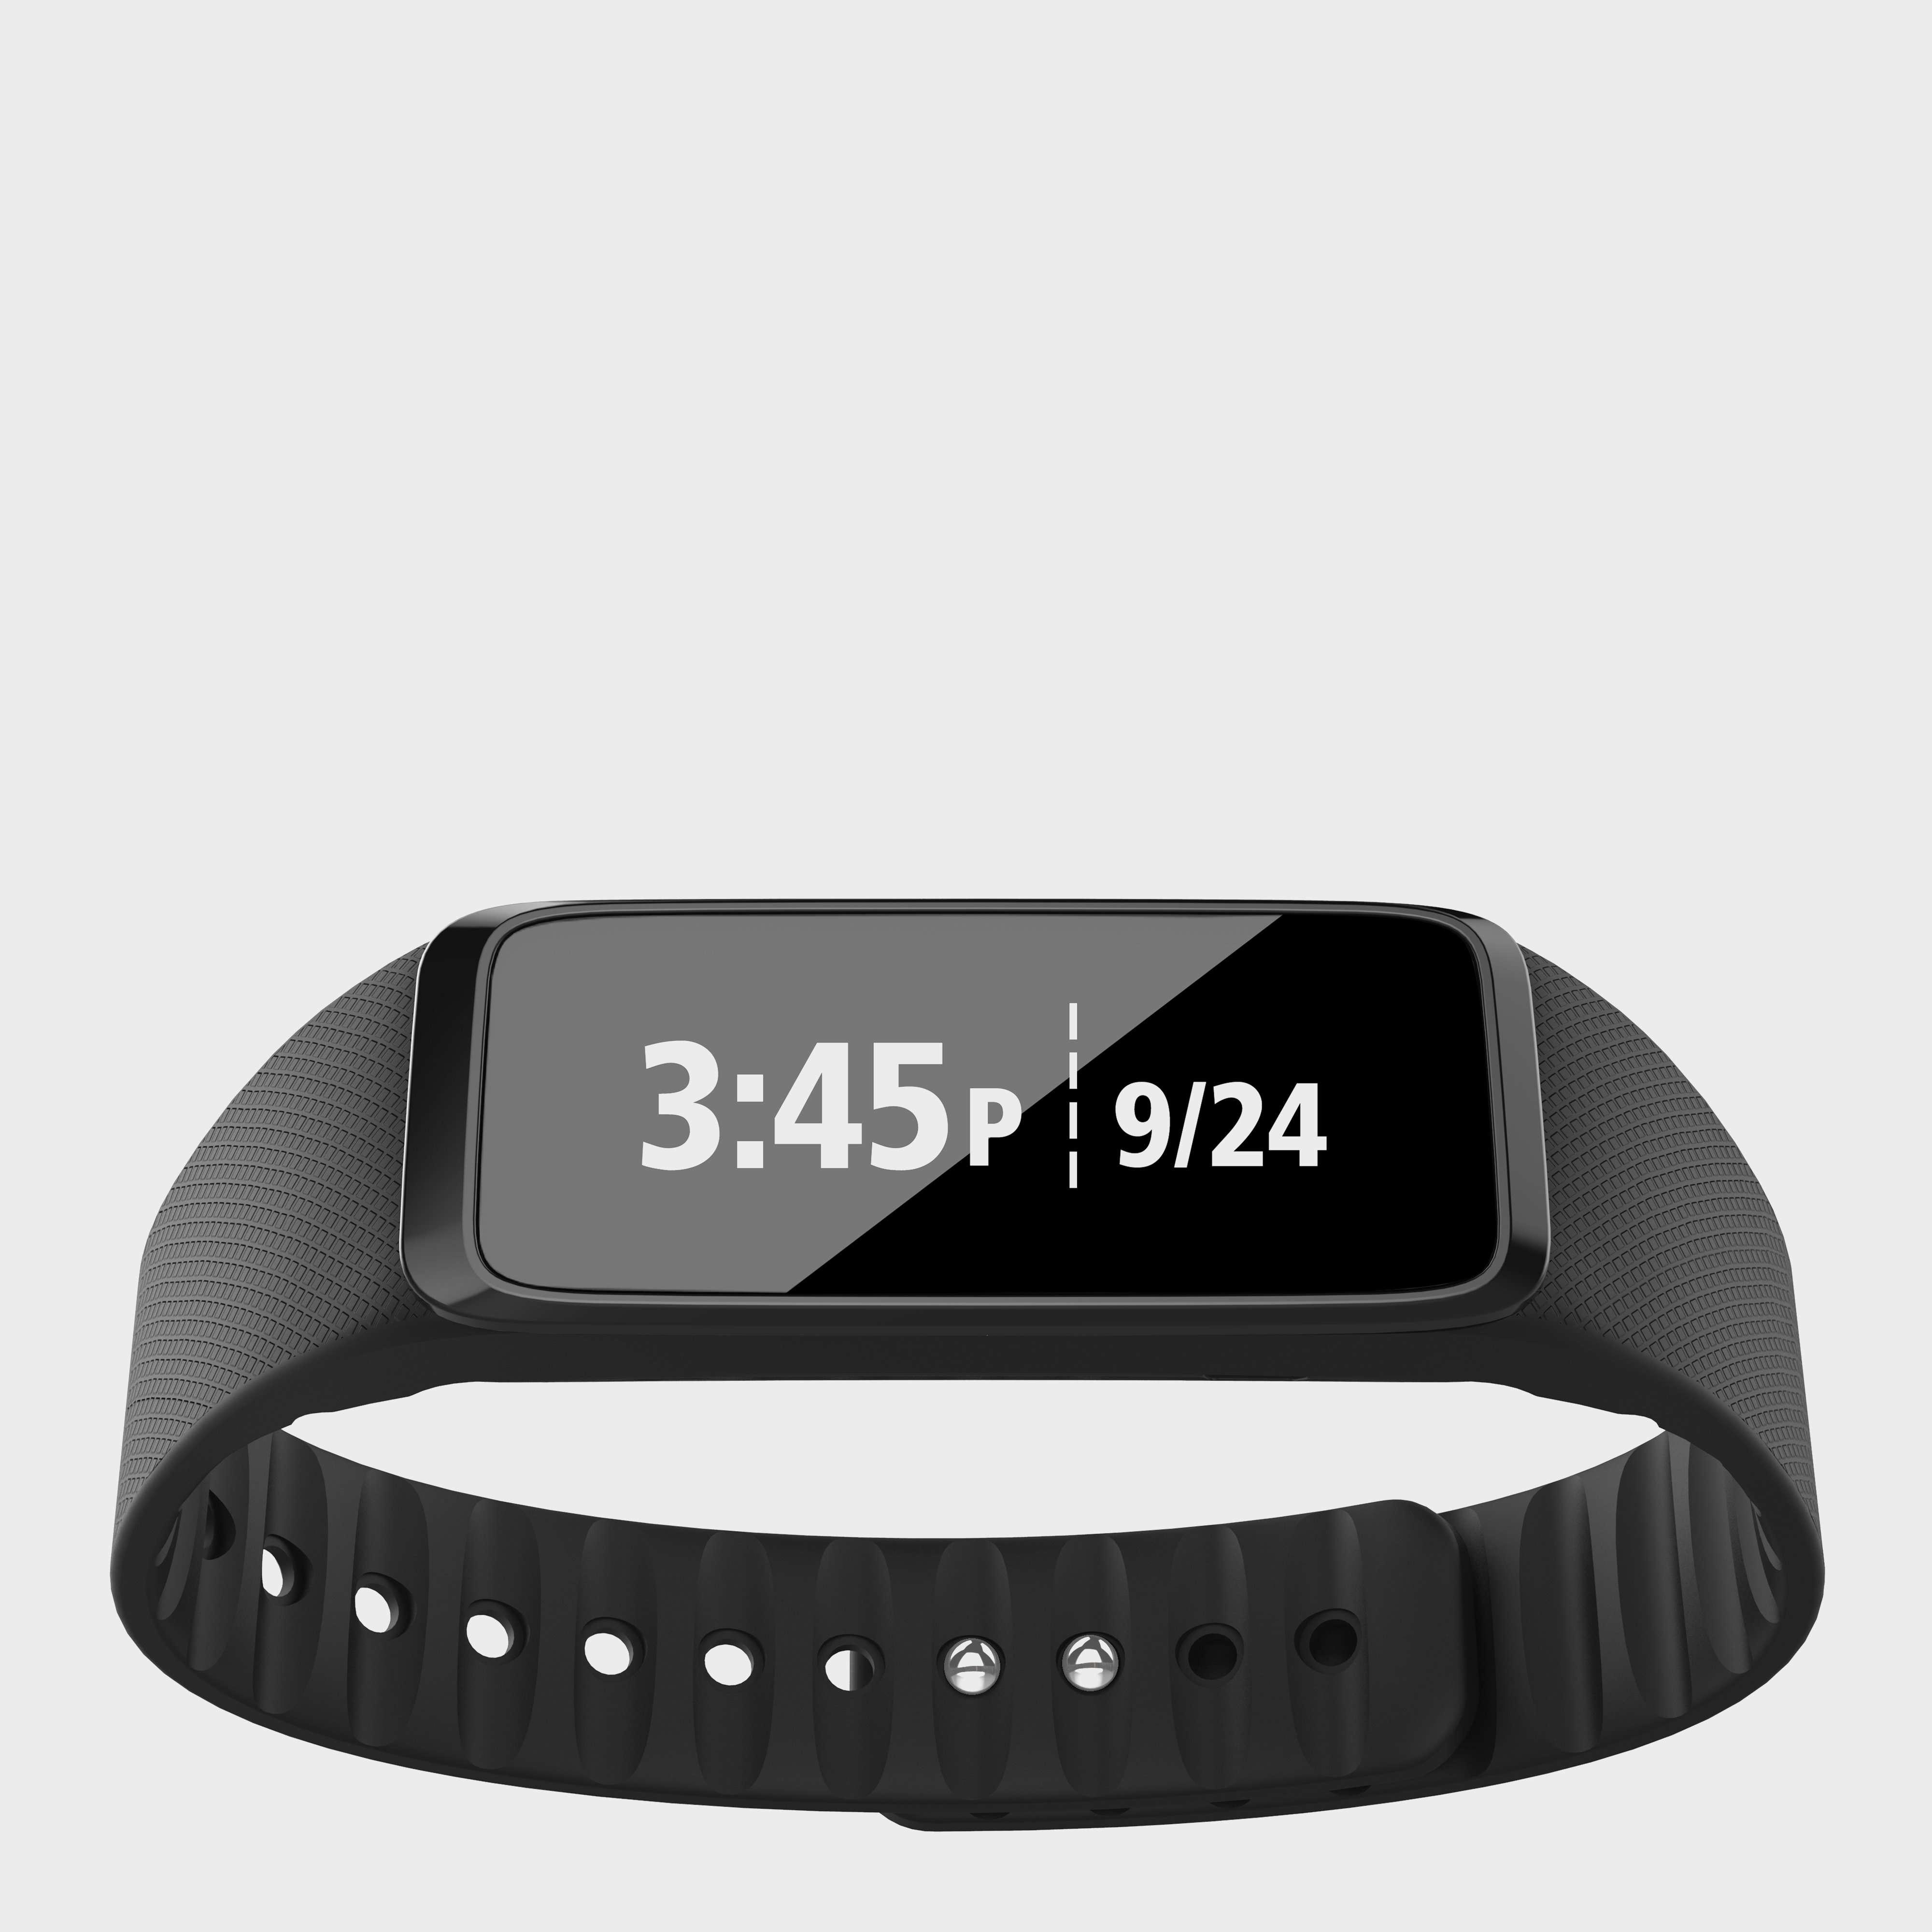 HI TEC Active Trek GO Smart Watch